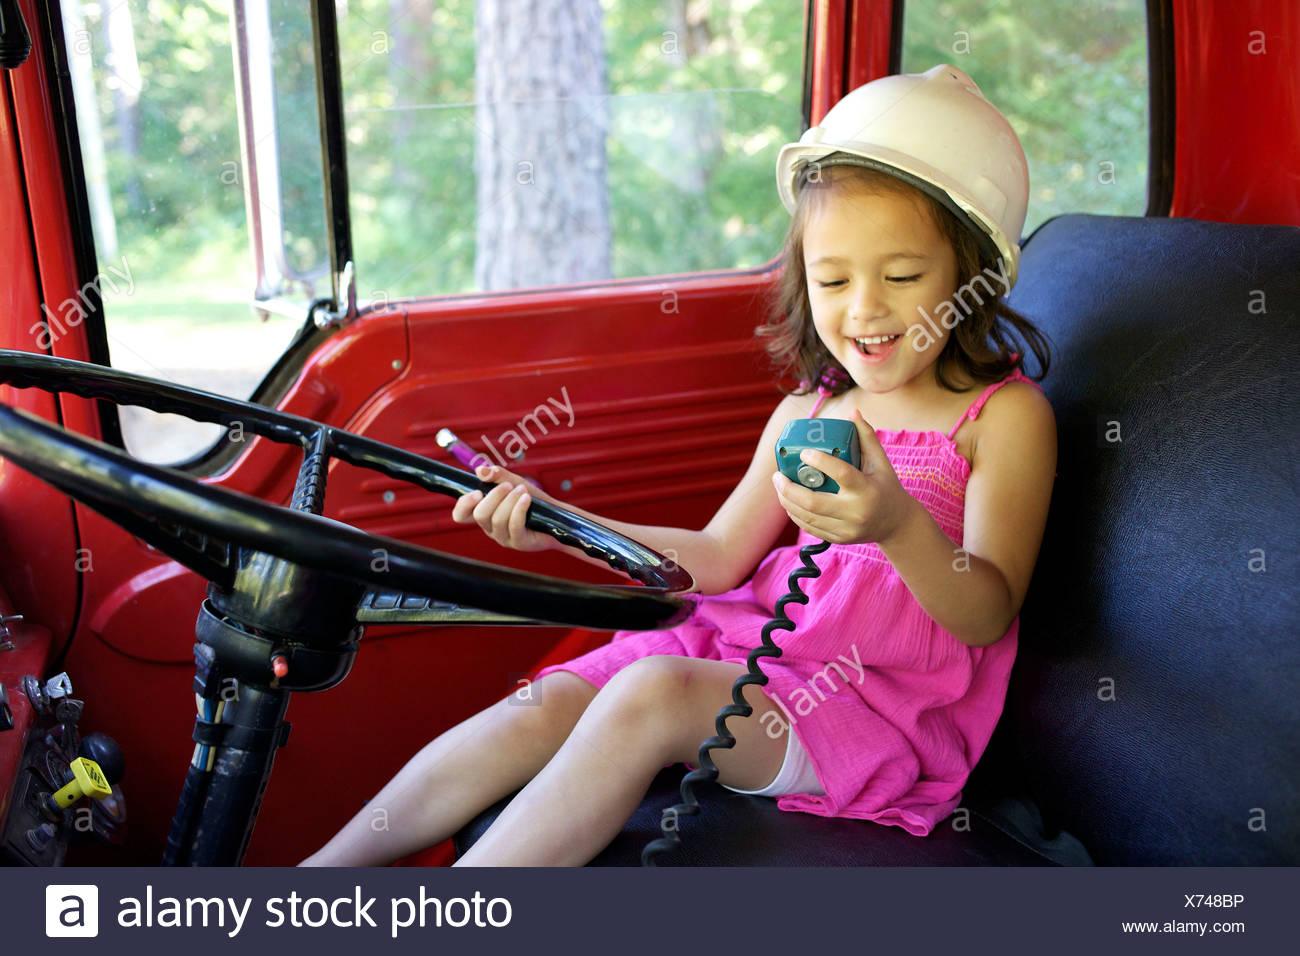 Ein junges Mädchen spielt mit einem Autoradio. Stockbild